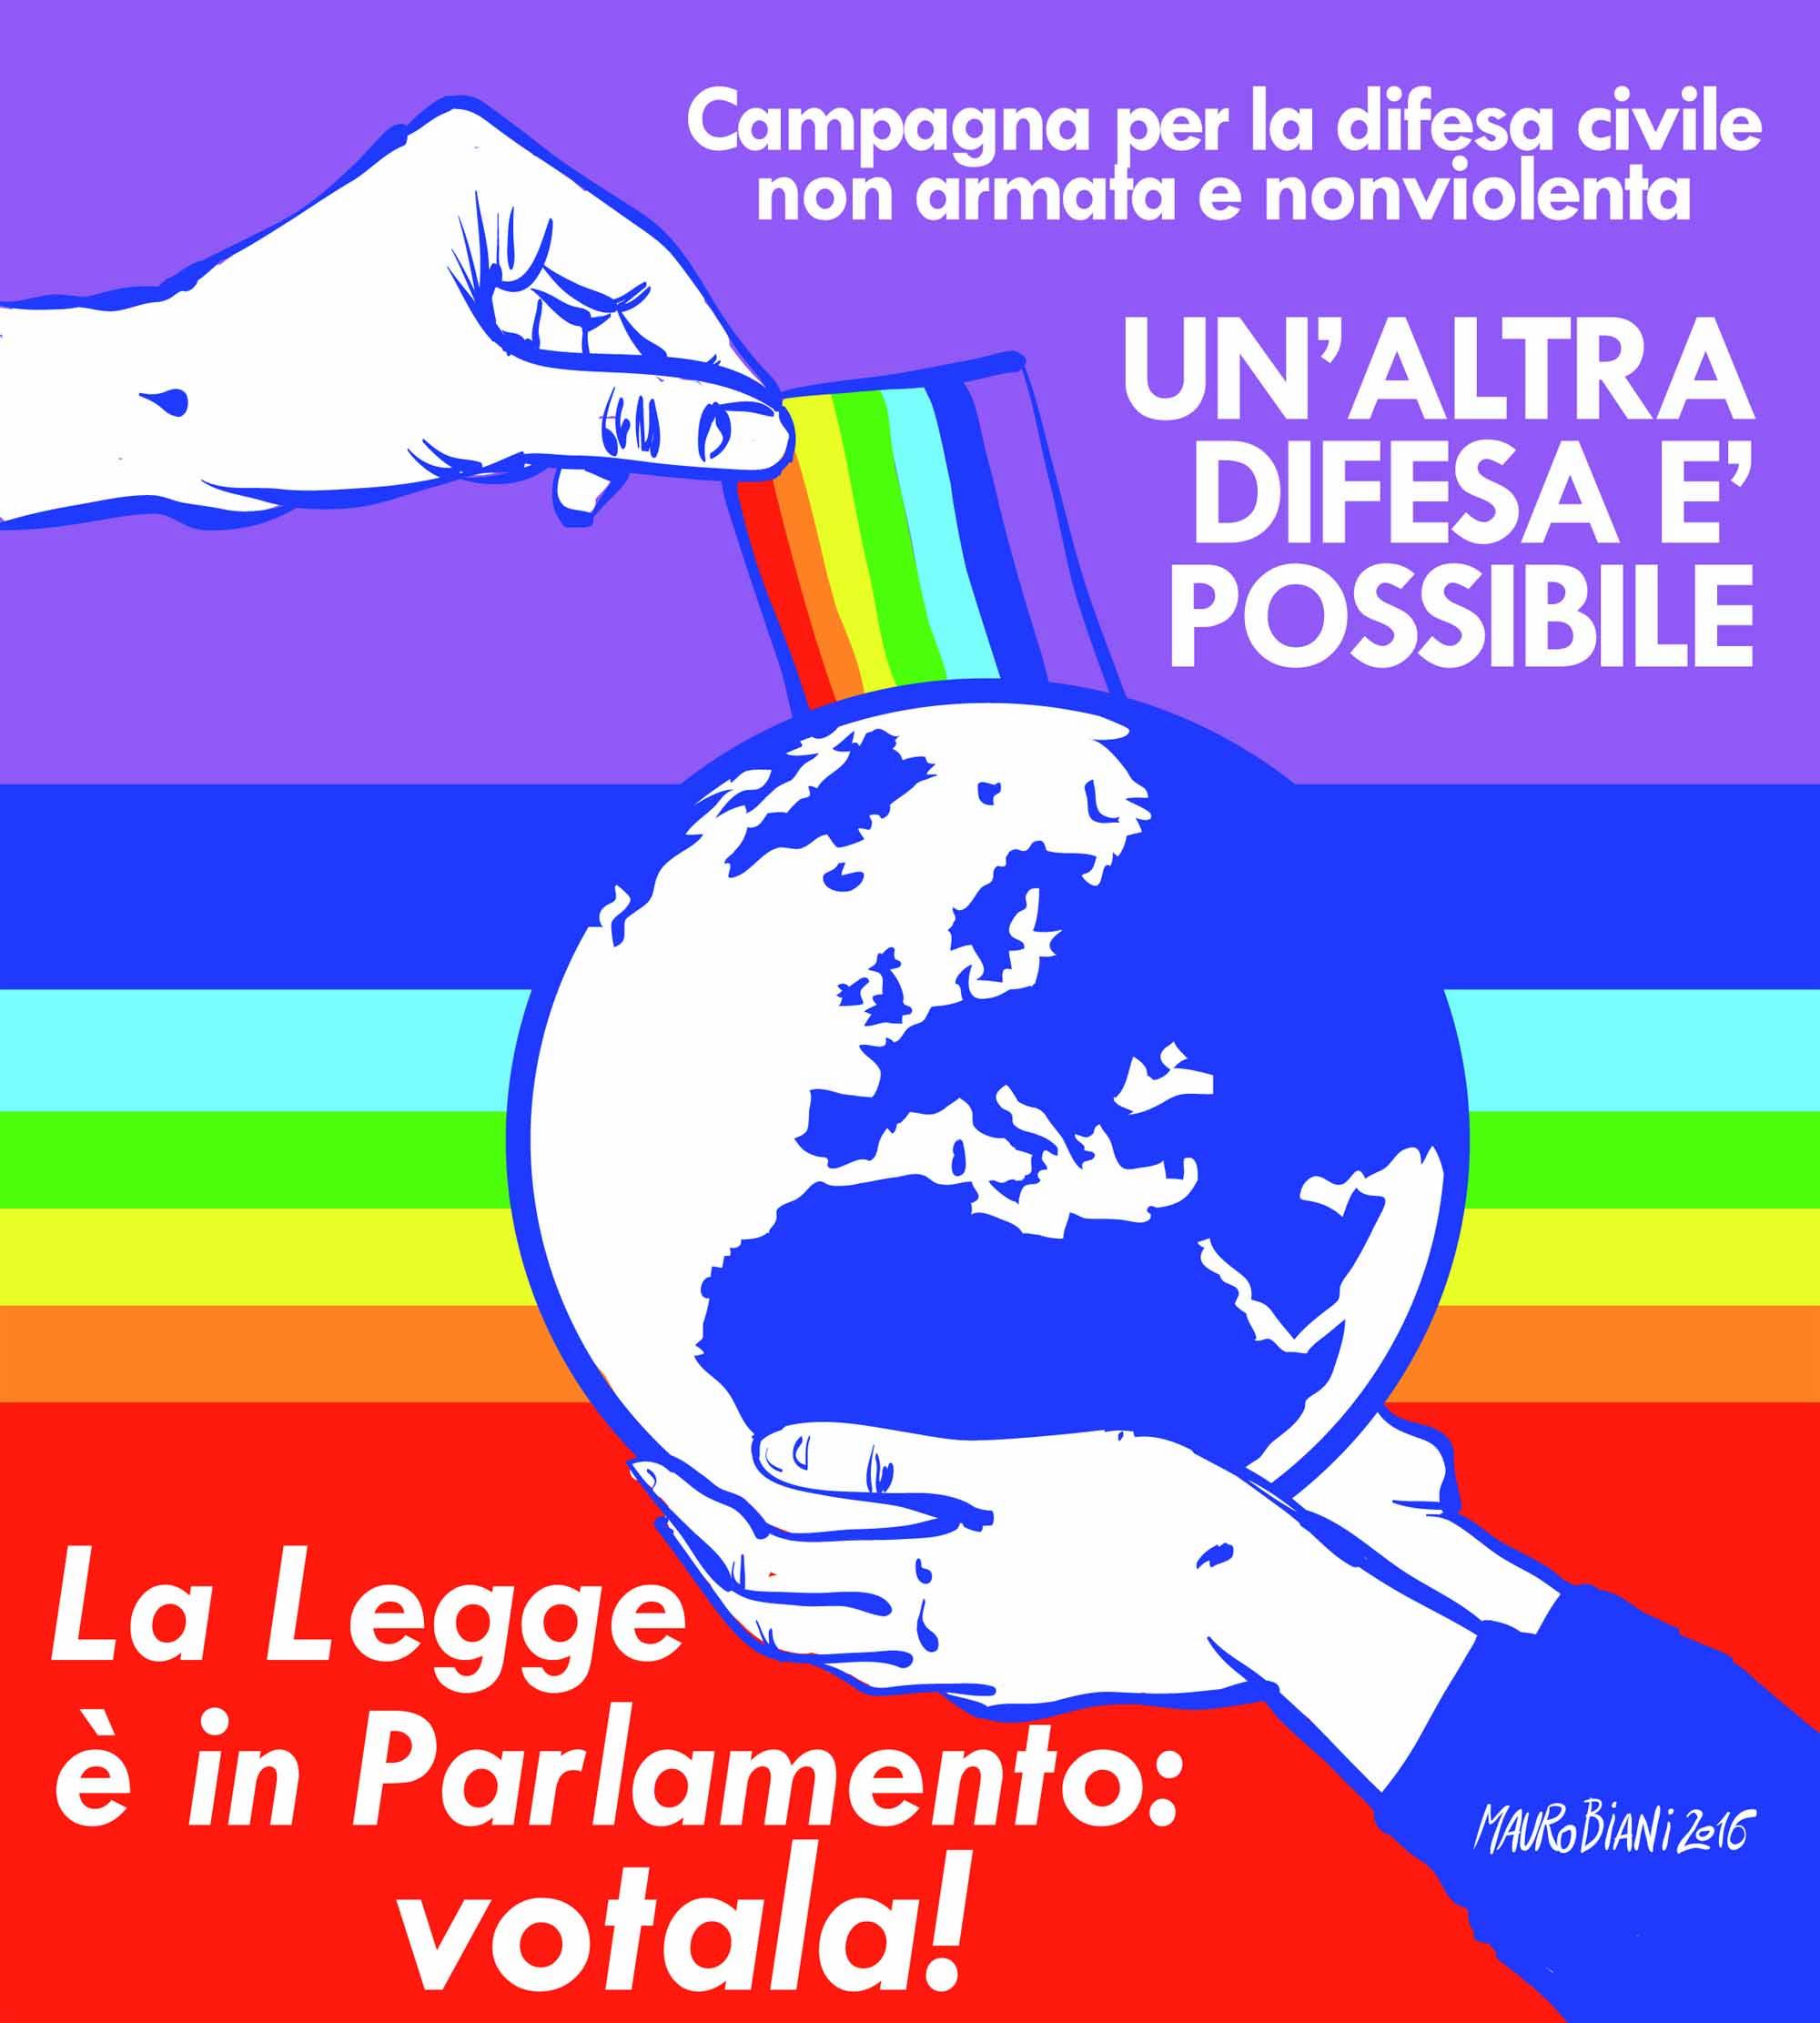 Logo Campagna Fase 2 - AltraDifesaPossibile